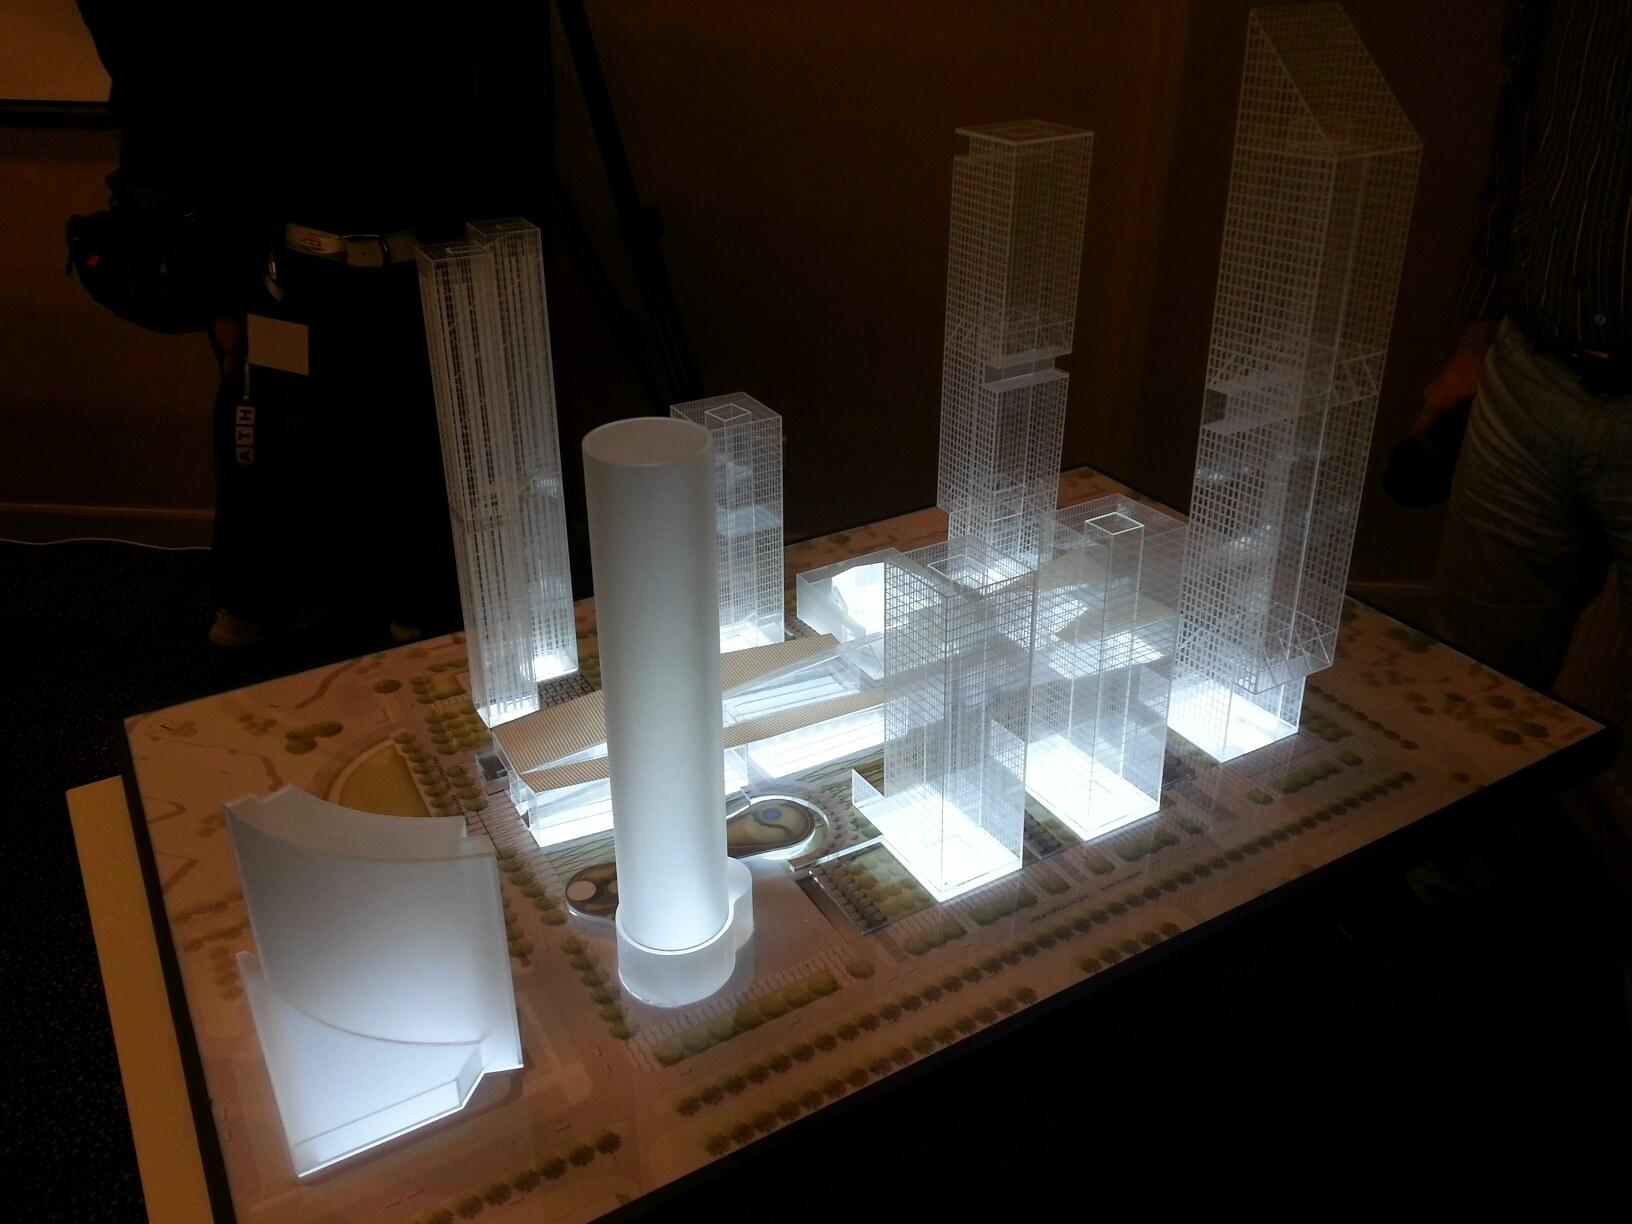 УГМК пристроит к башне «Исеть» еще четыре небоскреба